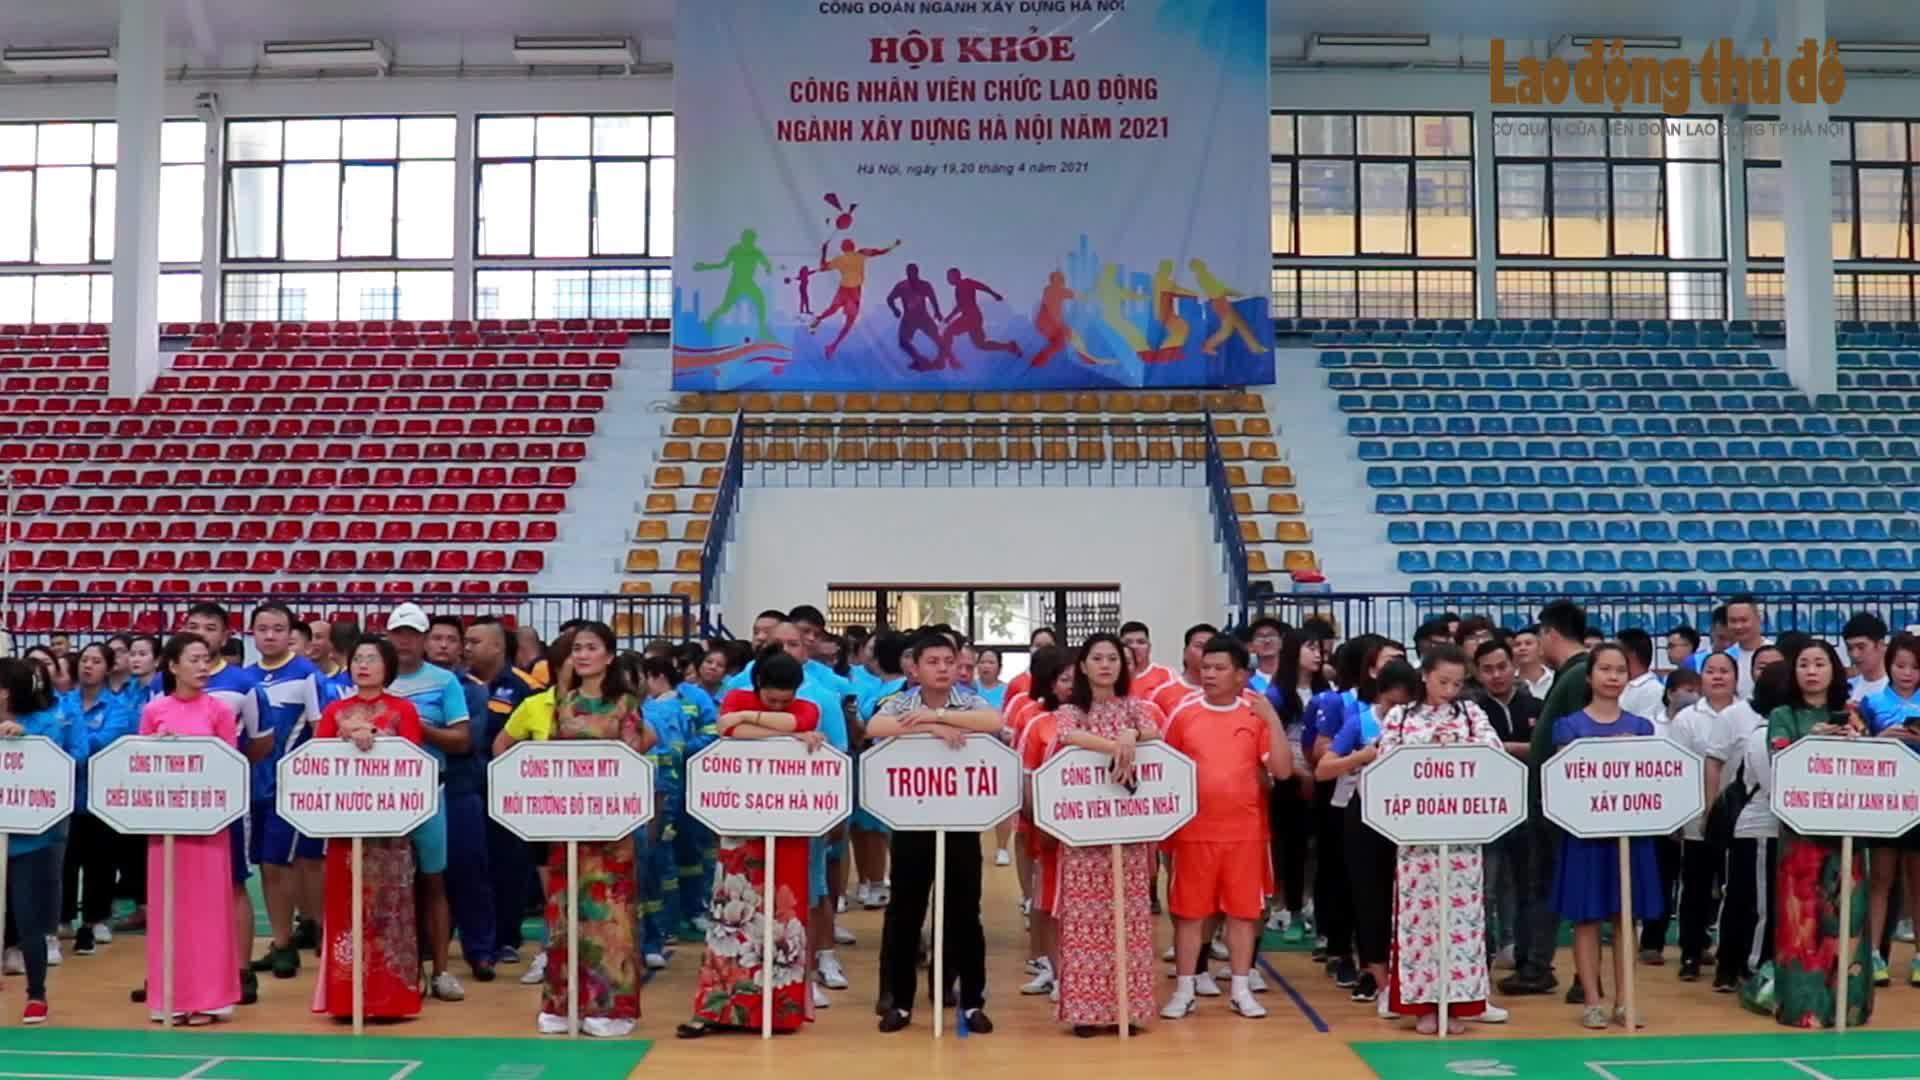 Đẩy mạnh phong trào thể dục thể thao trong công nhân viên chức lao động ngành Xây dựng Hà Nội